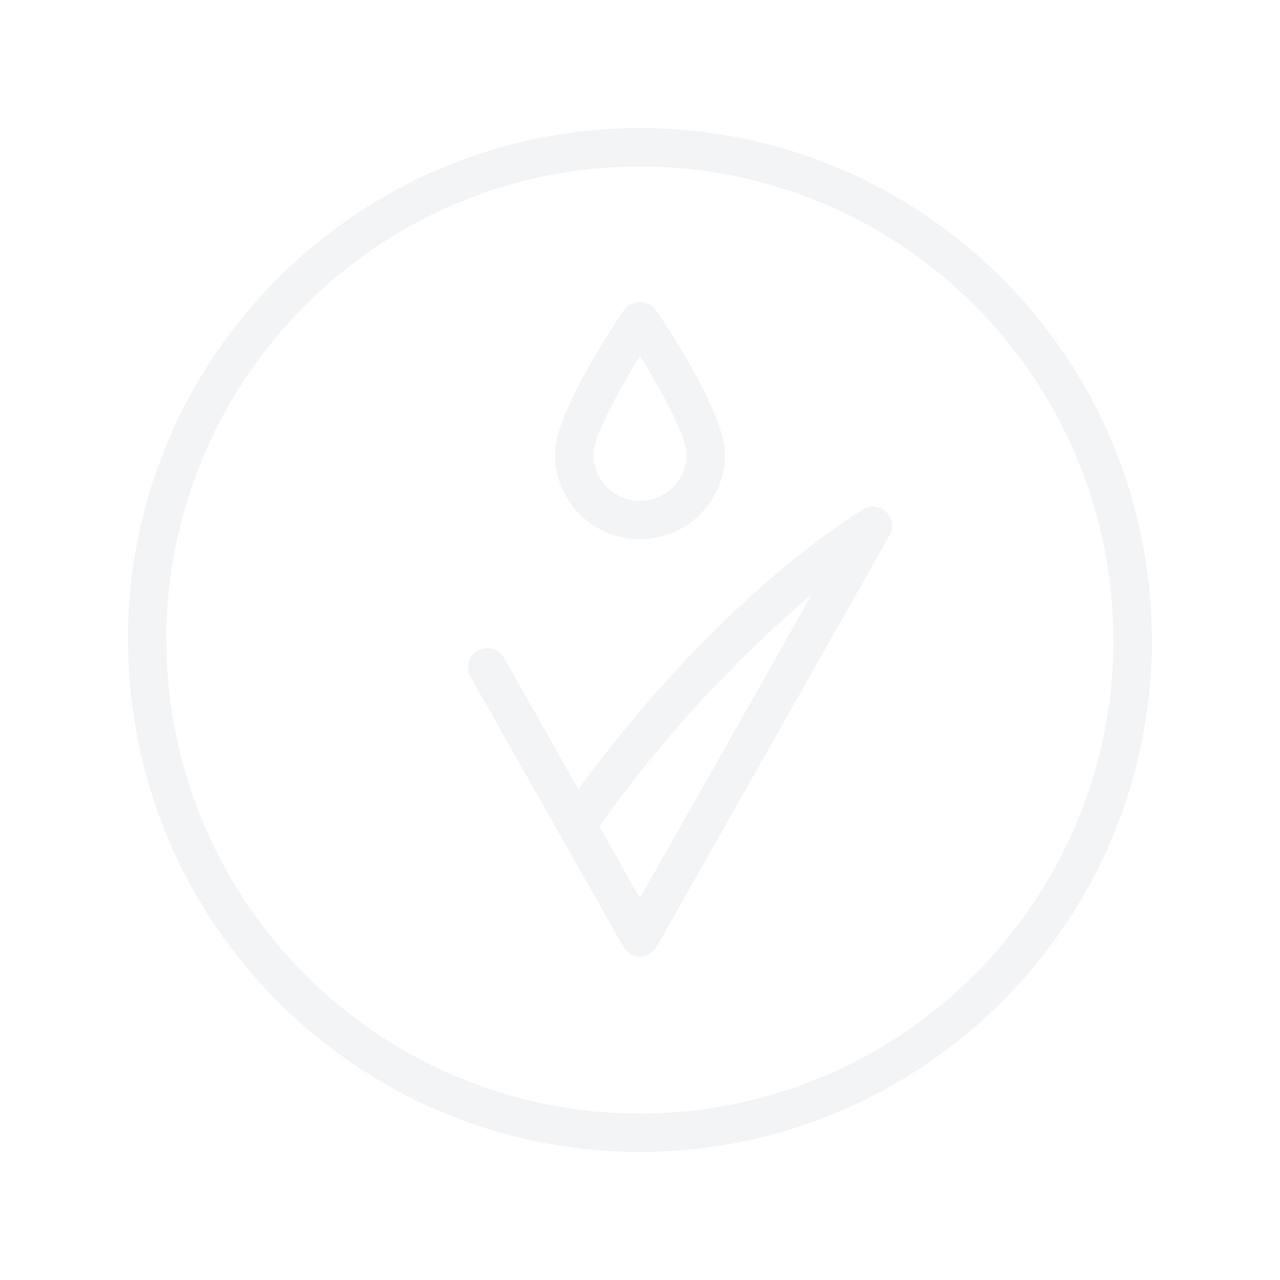 ELIZABETH ARDEN Crystal Clear Lip Gloss 10ml